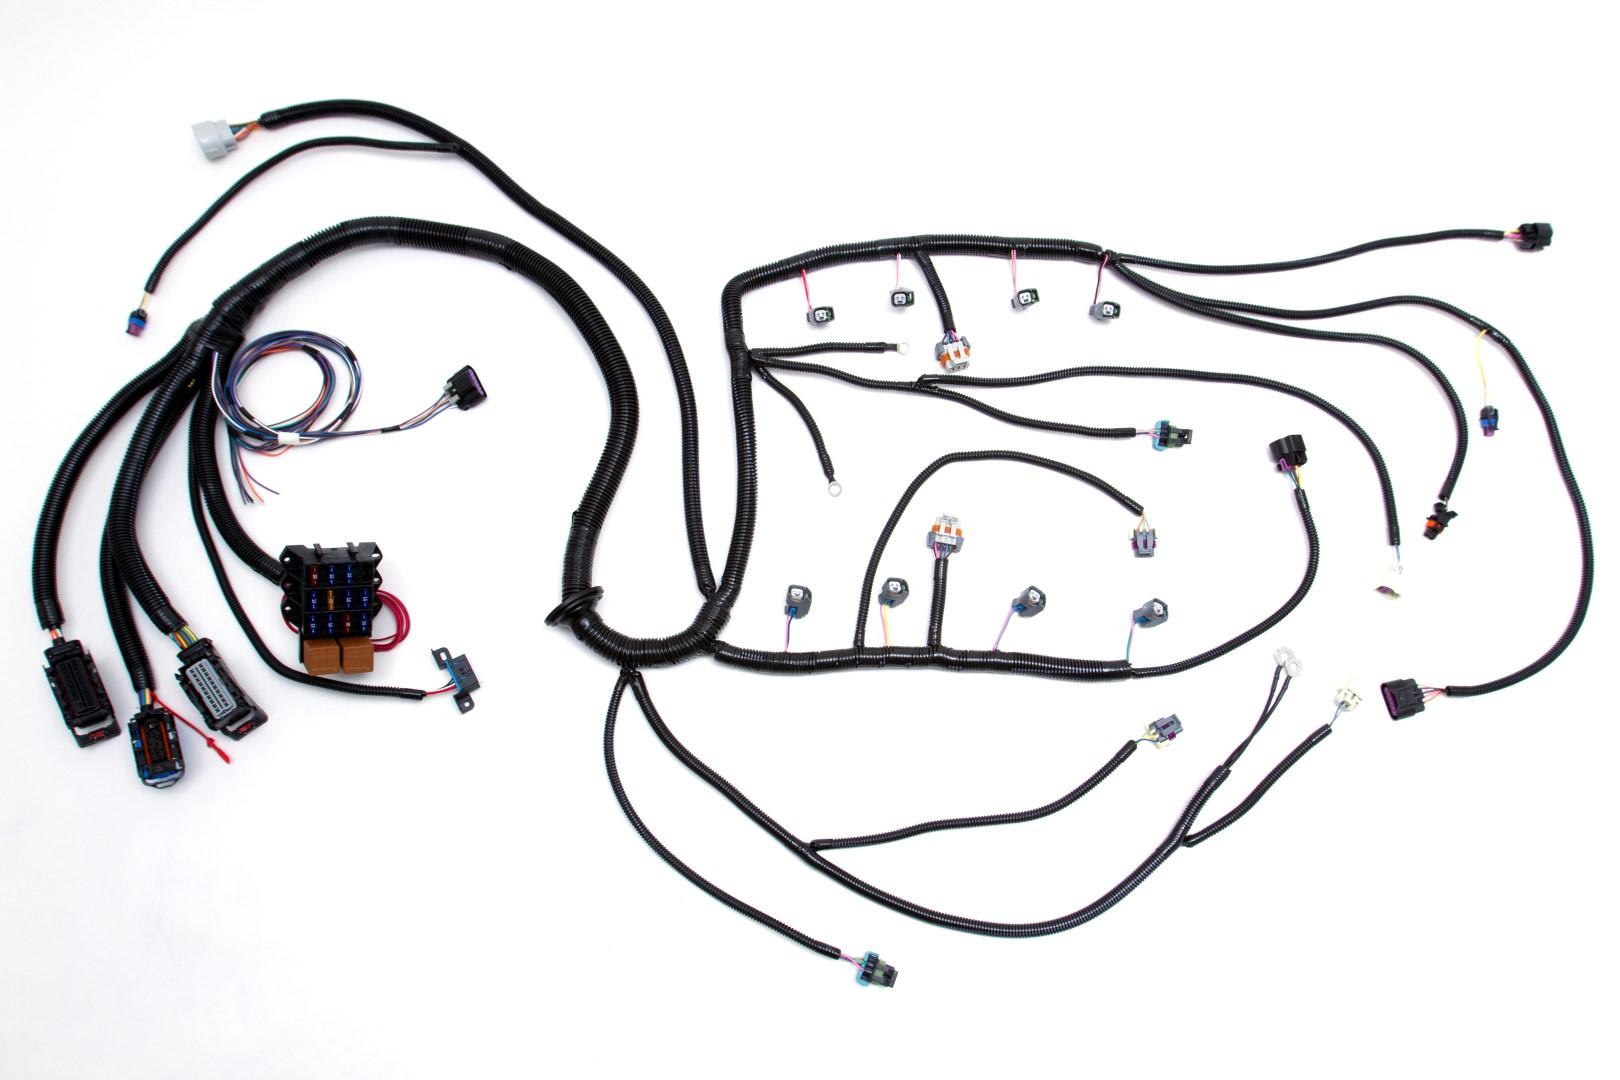 u0026 39 08 ls2  6 0l  58x standalone wiring harness w  4l60e